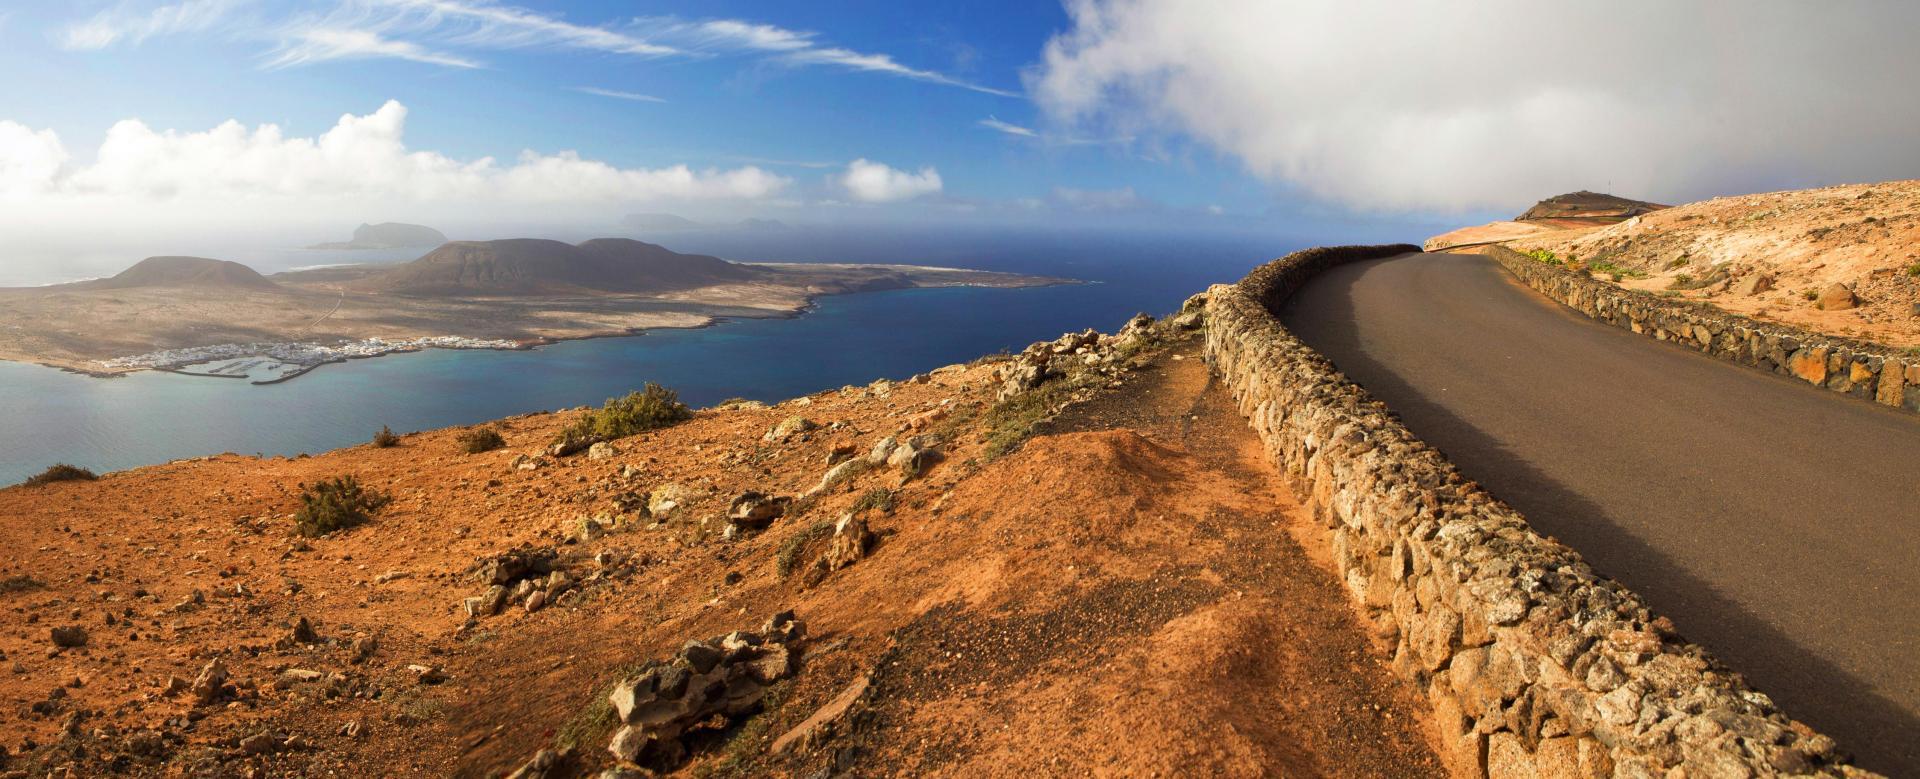 Voyage en véhicule : Lanzarote et la graciosa à vélo